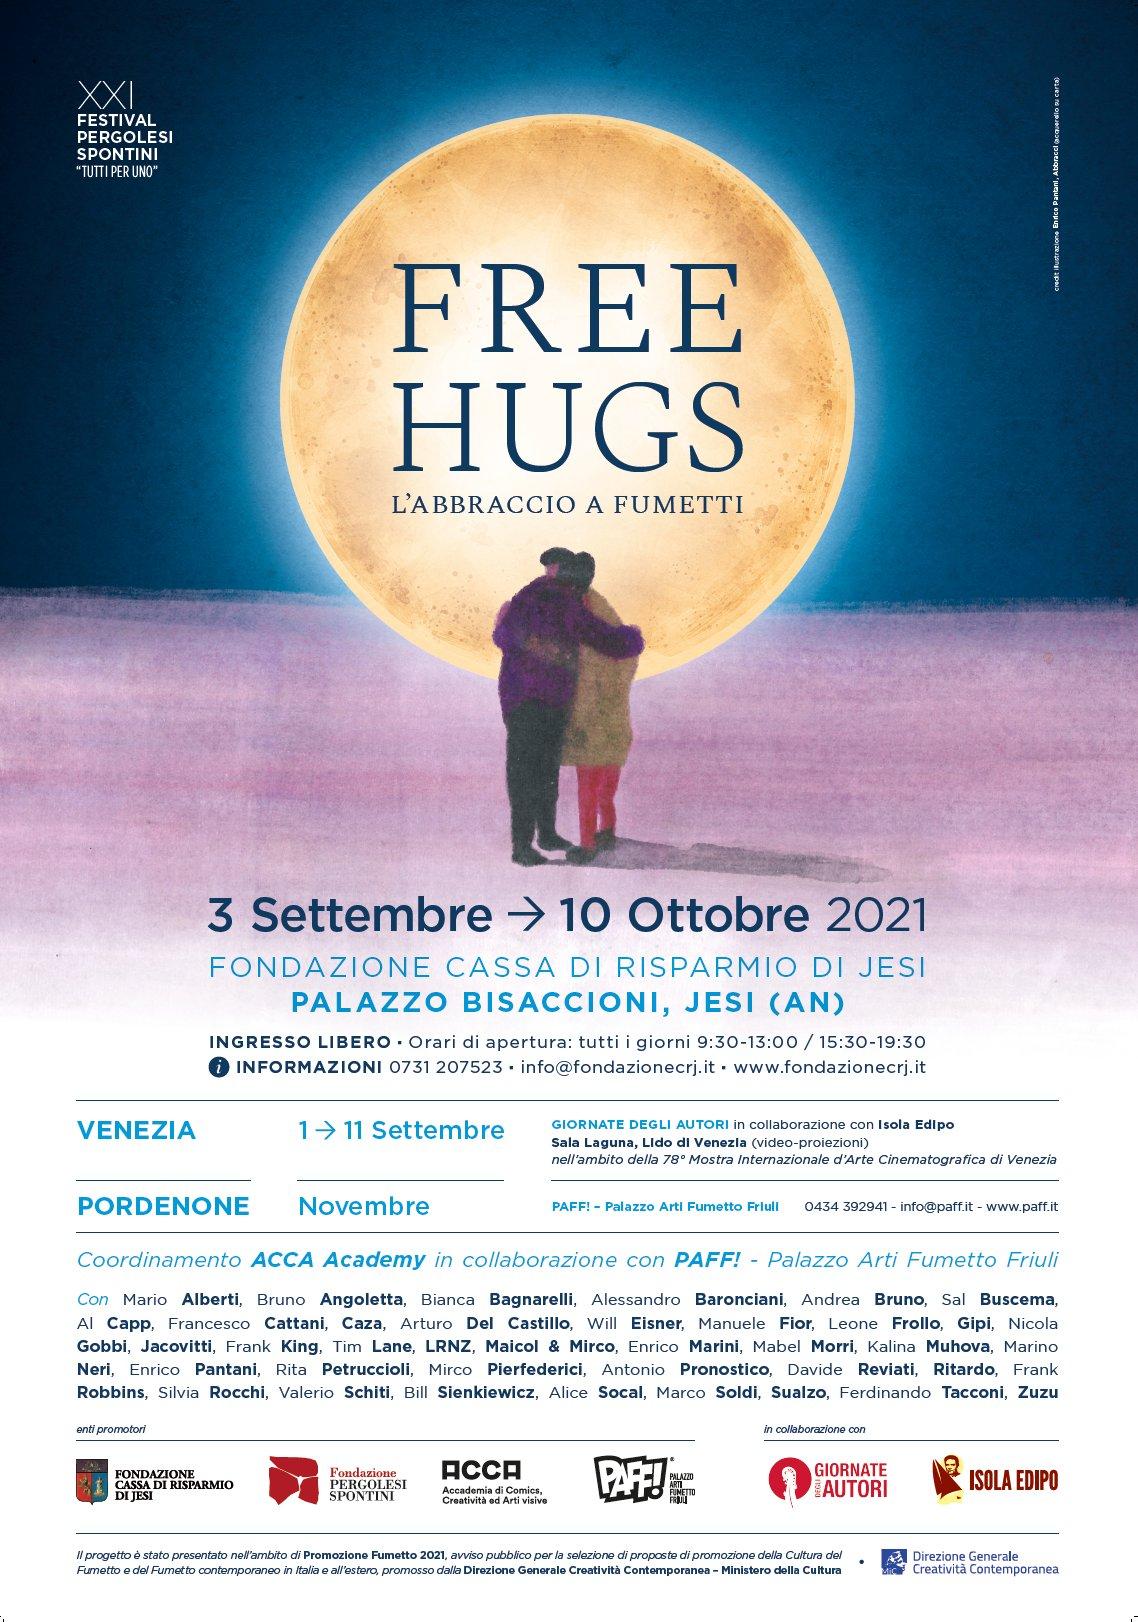 FREE HUGS - mostra sugli abbracci raccontati attraverso i fumetti. Dal 3 al 10 Ottobre 2021